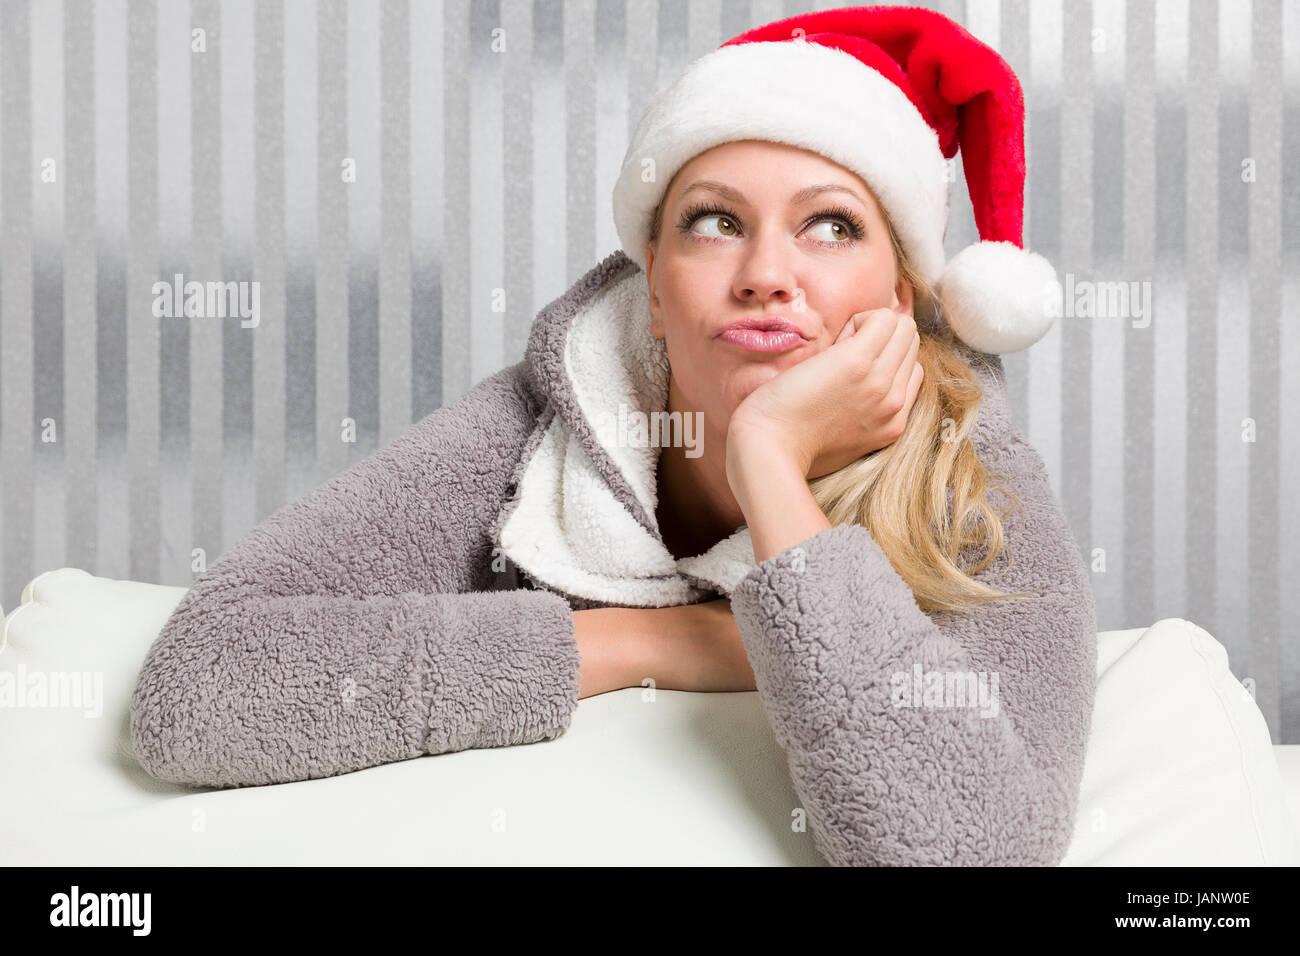 Frau mit Weihnachtsmütze überlegt was sie zu Weihnachten verschenken kann, ist allerdings einfallslos. - Stock Image